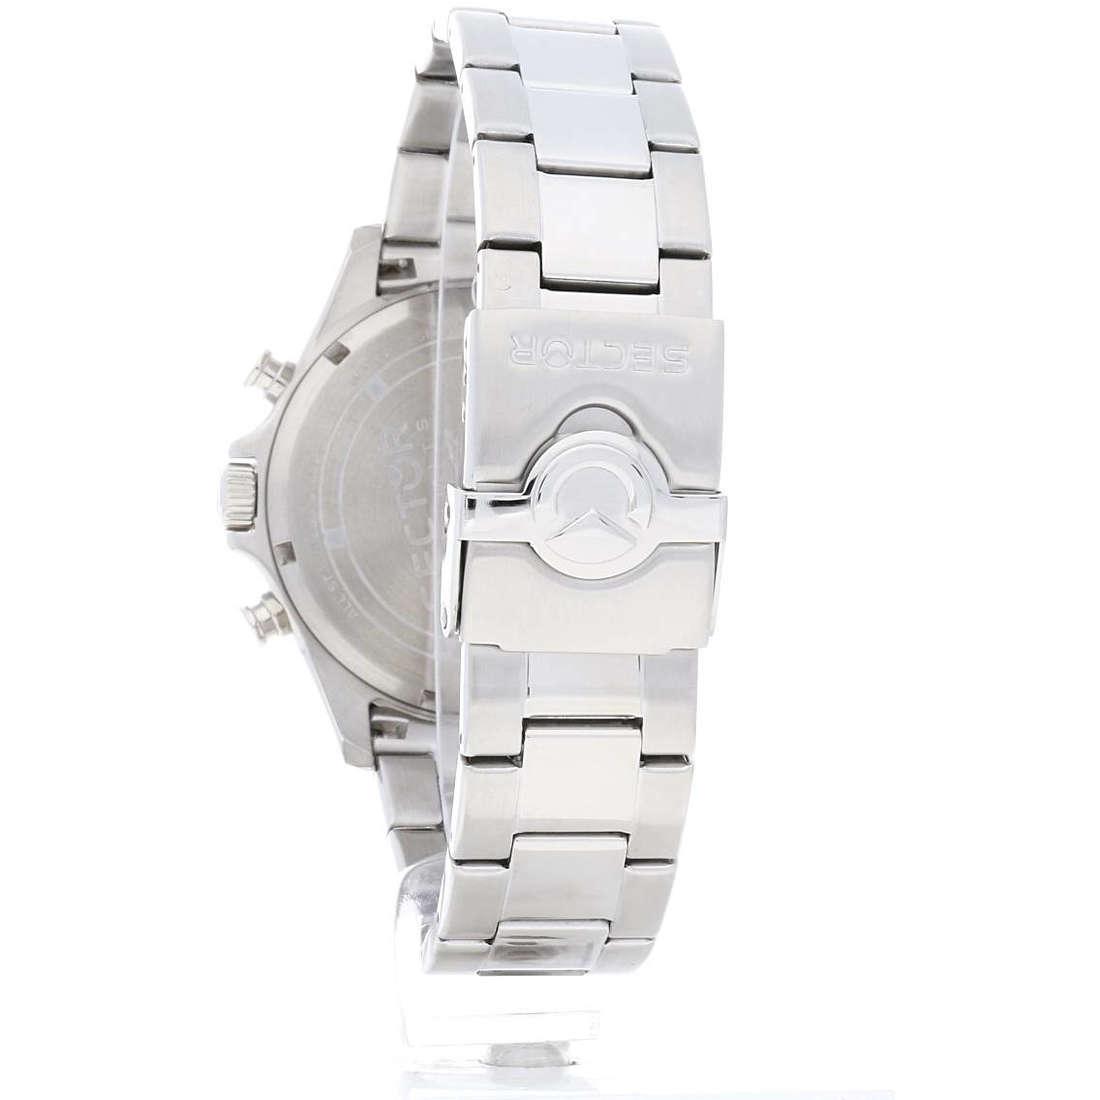 nouvelles montres homme Sector R3273690001